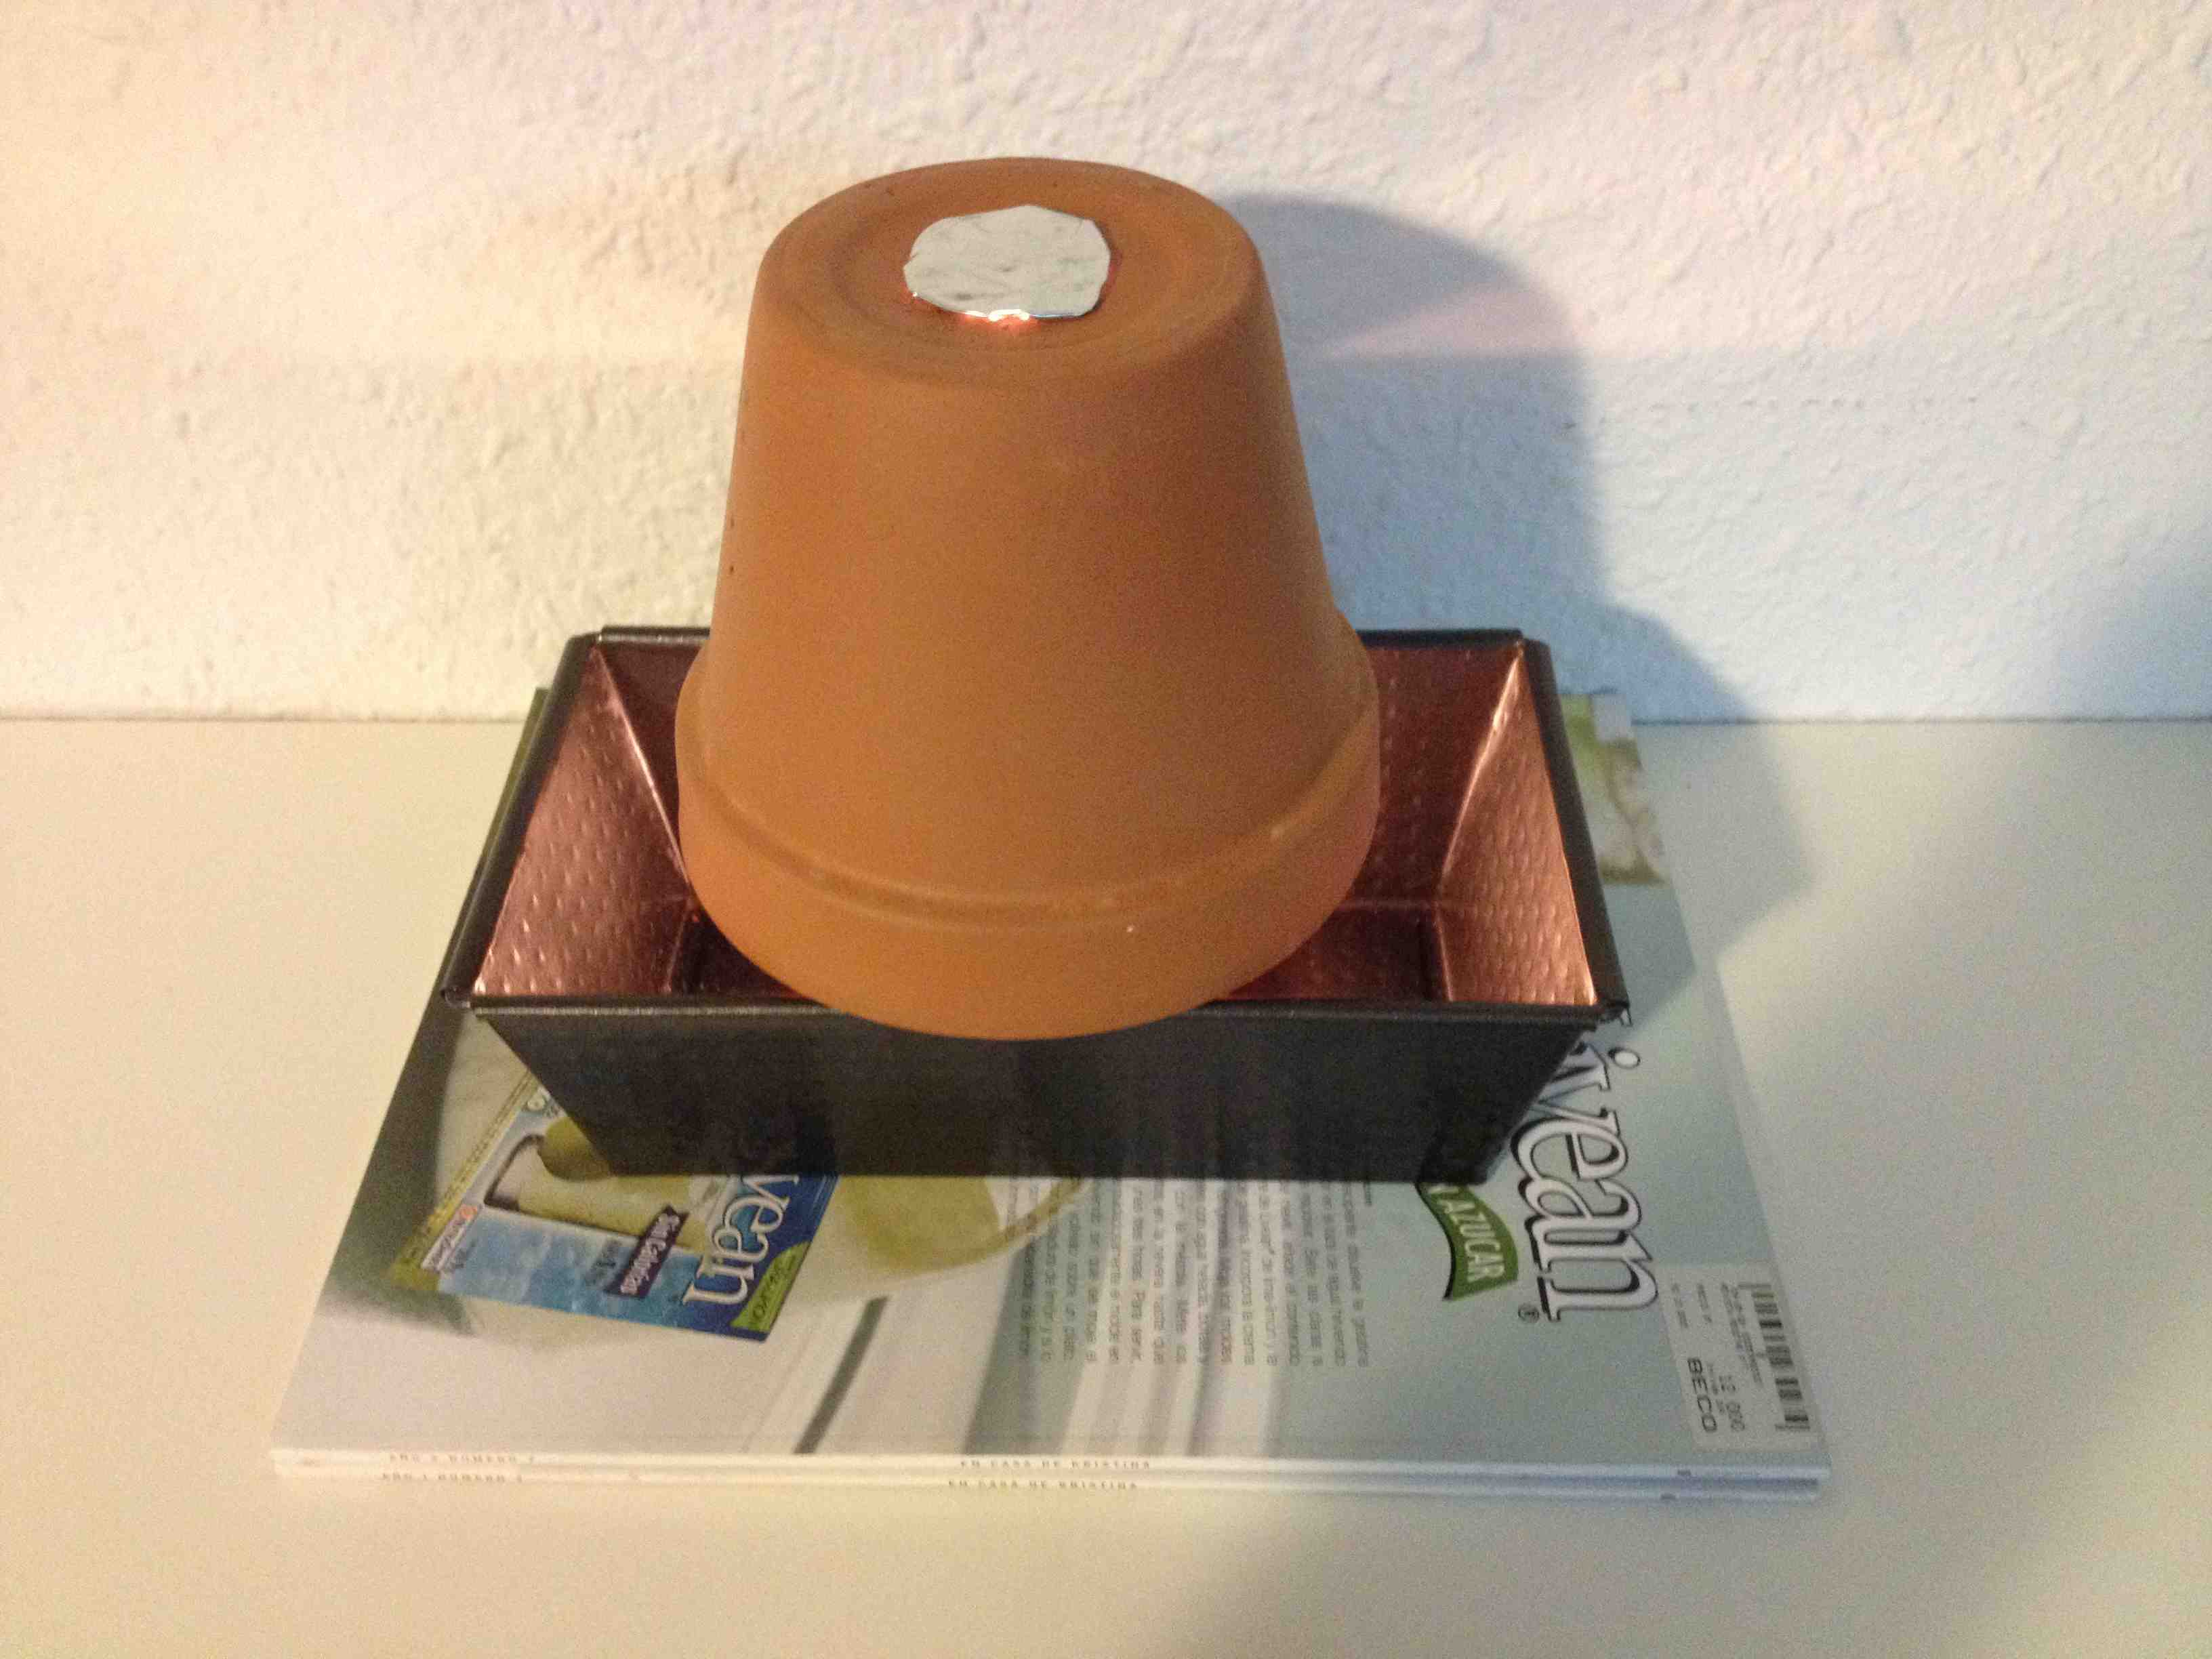 calentador-casero-proceso-02